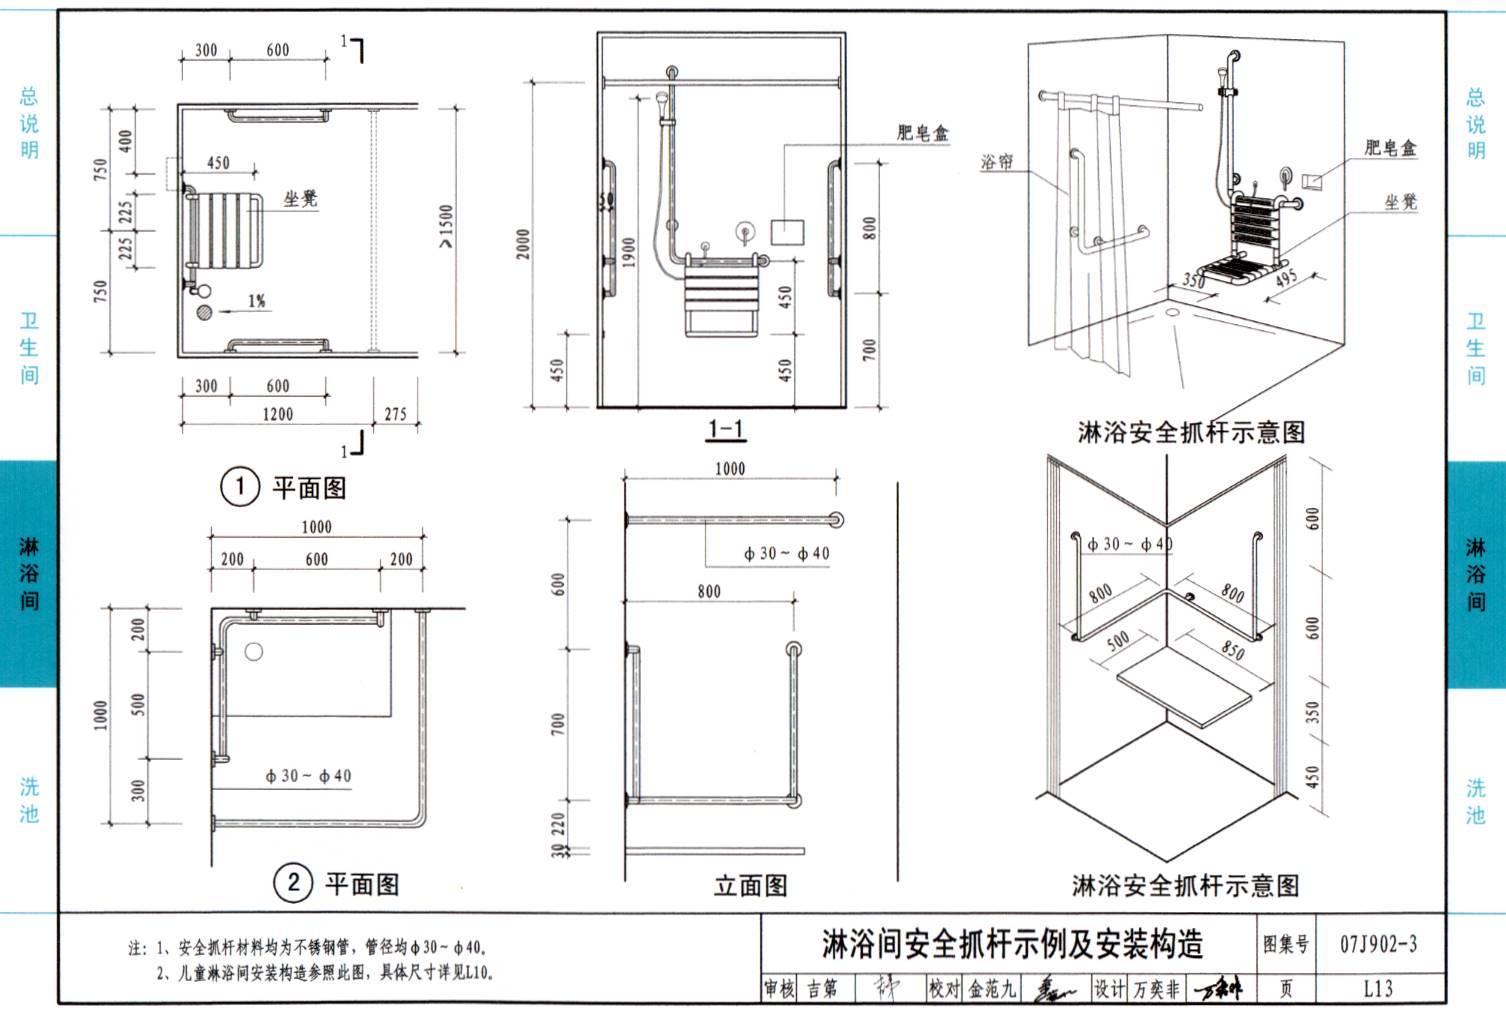 本图集适用于新建、改建、扩建的医疗建筑,使用对象主要为建筑师、室内设计师、施工、监理等相关领域的从业人员。主要内容:图集主要包括医疗建筑中常用的卫生间、淋浴间、整体卫浴间、部分常用的洗池以及部分排水附件的相关构造。特点:图集提供了多种规格的各类卫生间、淋浴间、洗池及节点安装详图,并附彩色图片,可以直接选用。